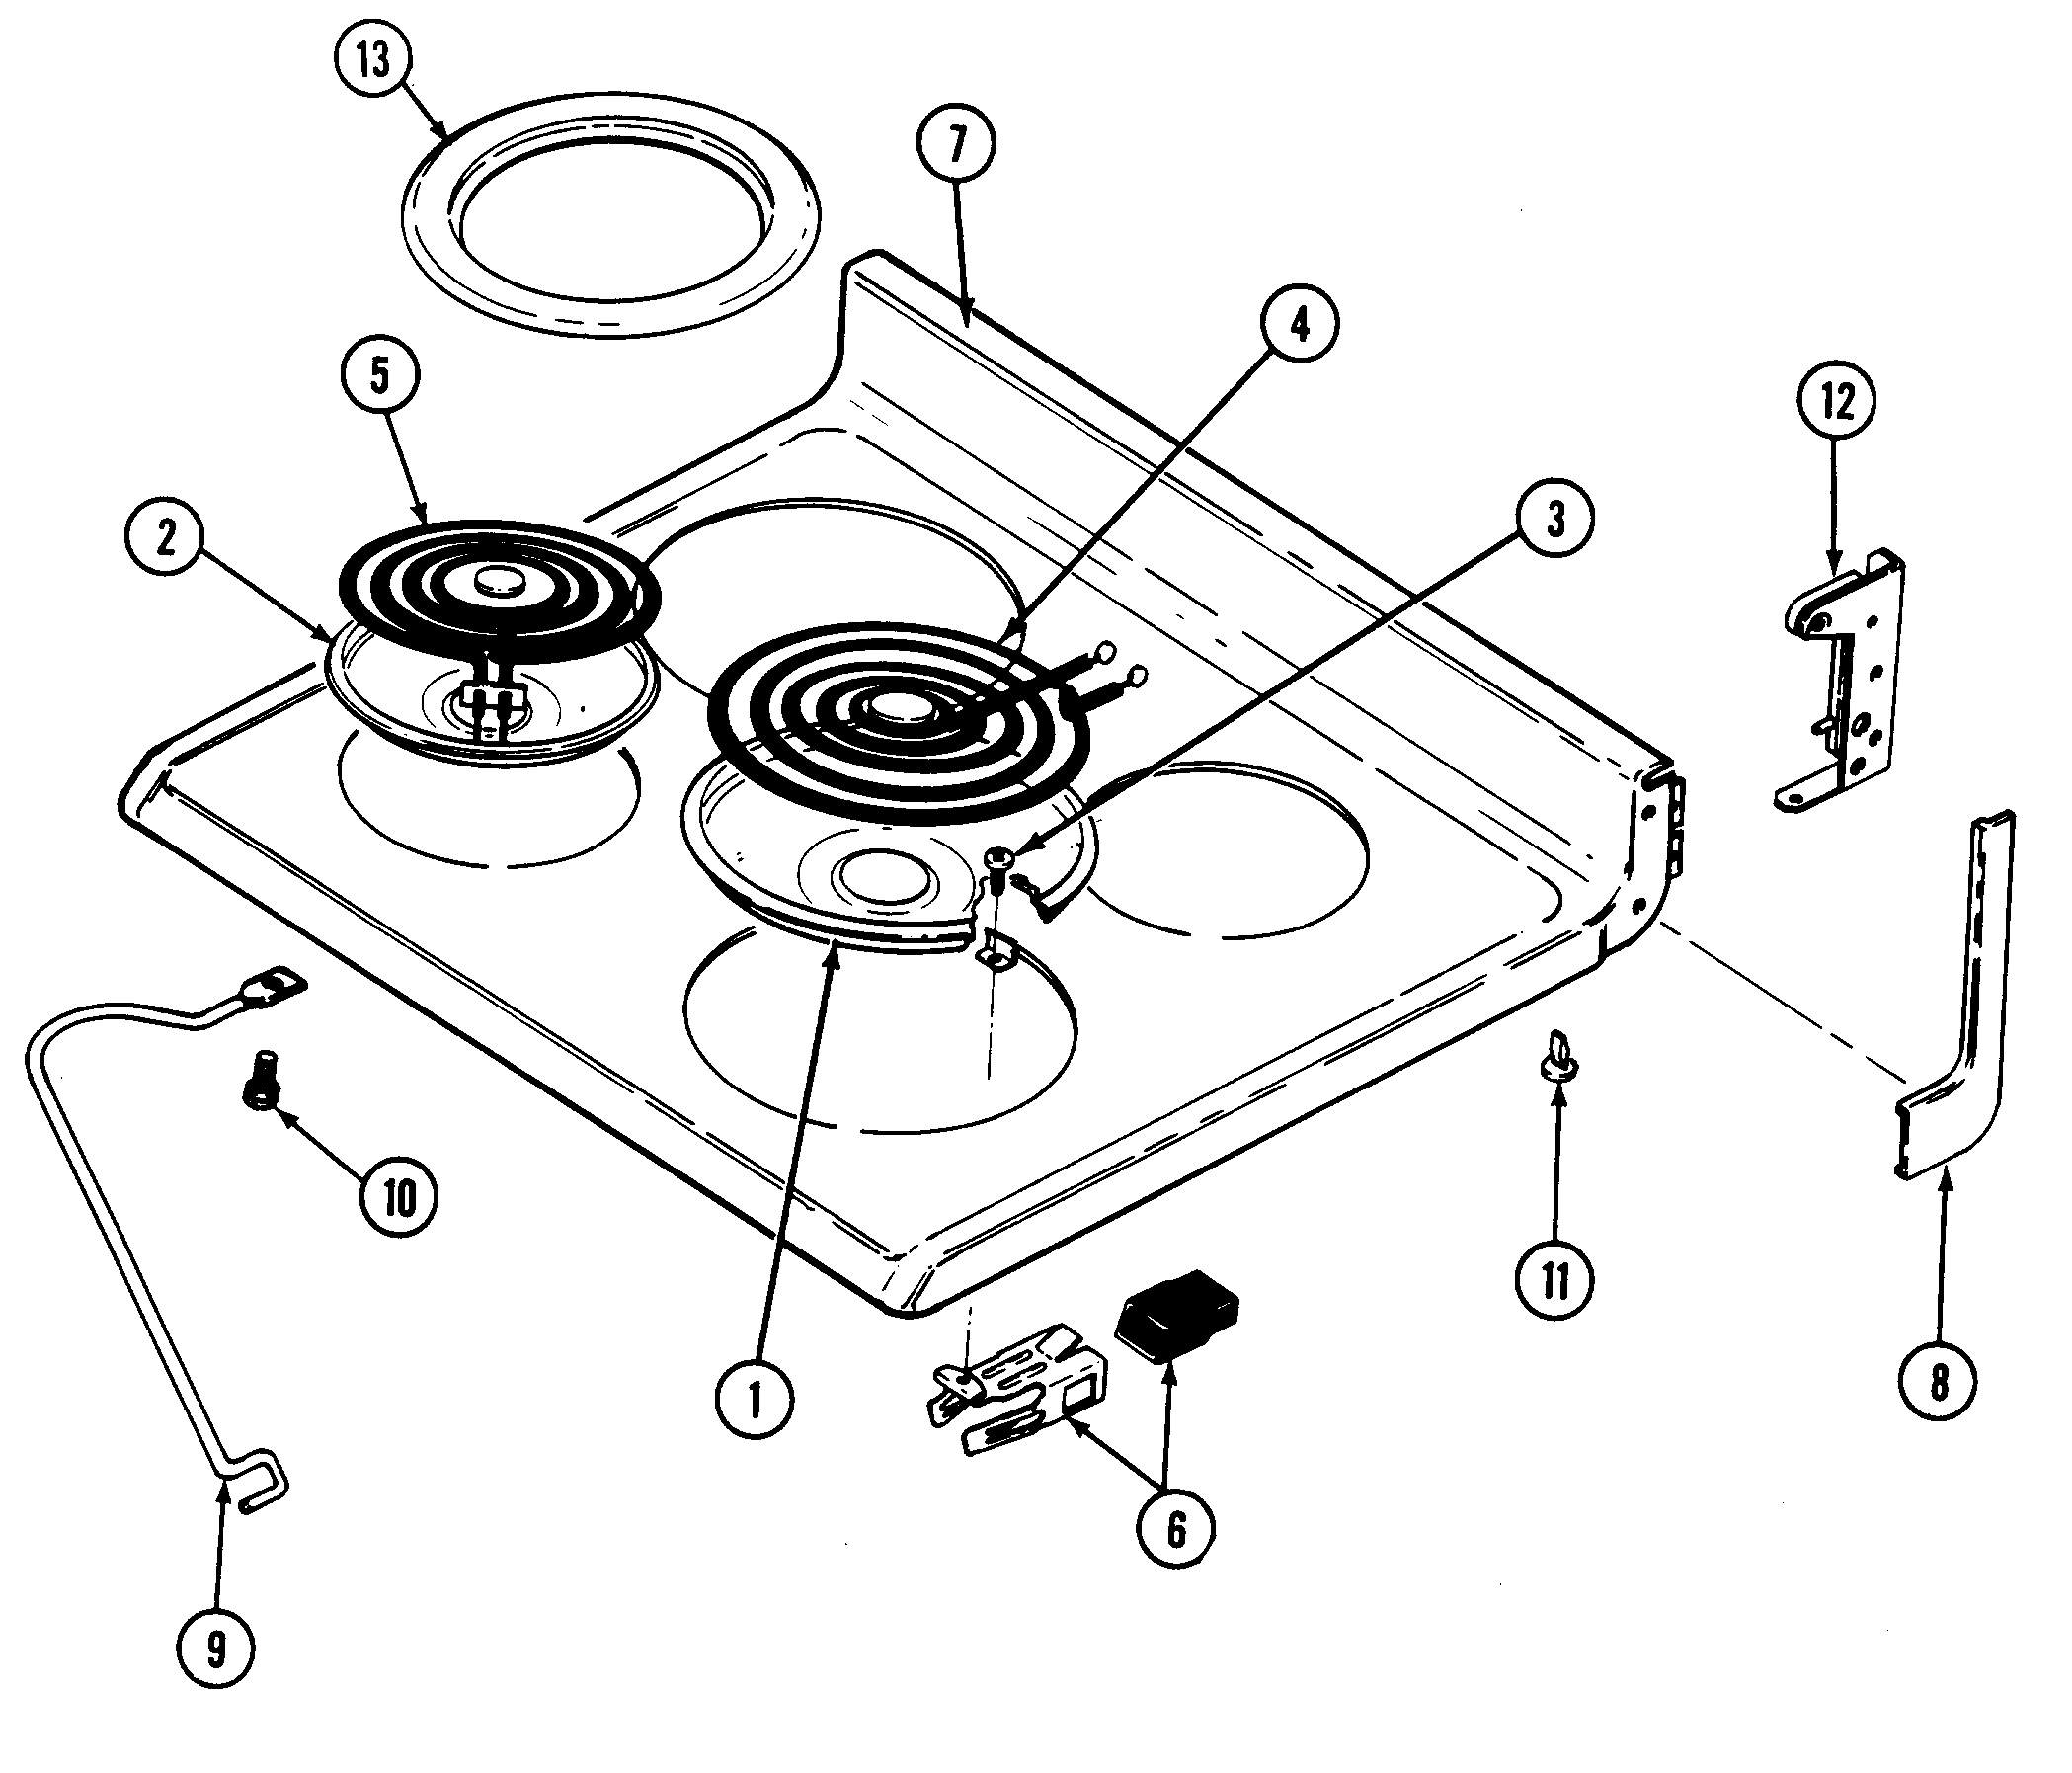 maytag ymedc200xw3 dryer repair manual